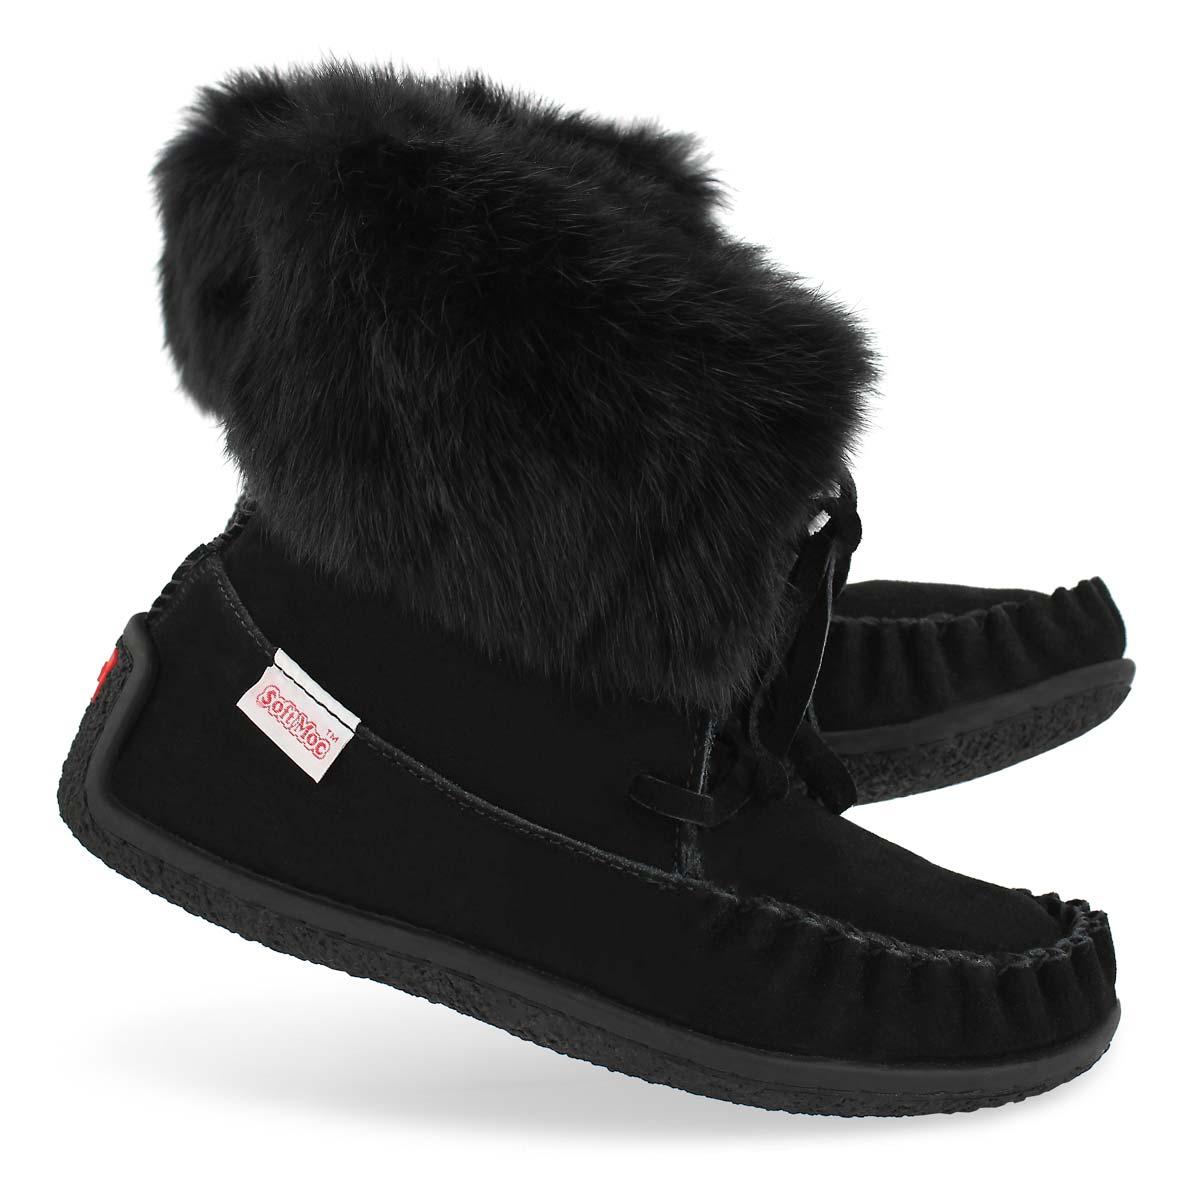 Lds Crissa blk rabbit fur ankle moccasin